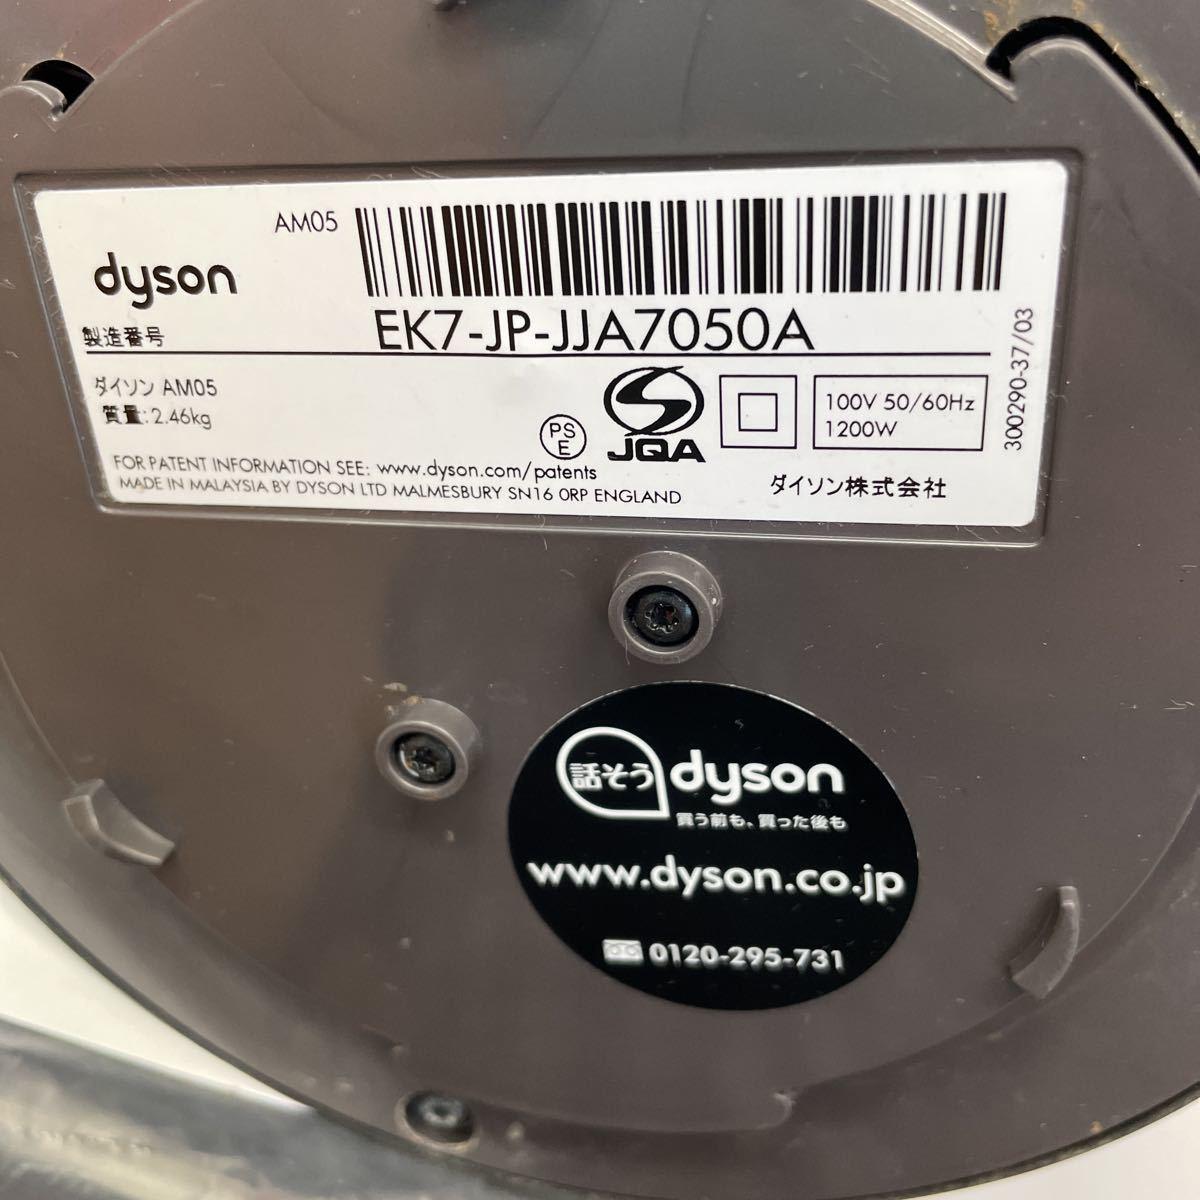 ダイソン Dyson Hot&Cool AM05 ファンヒーター 扇風機 2017年製 リモコン無し_画像6